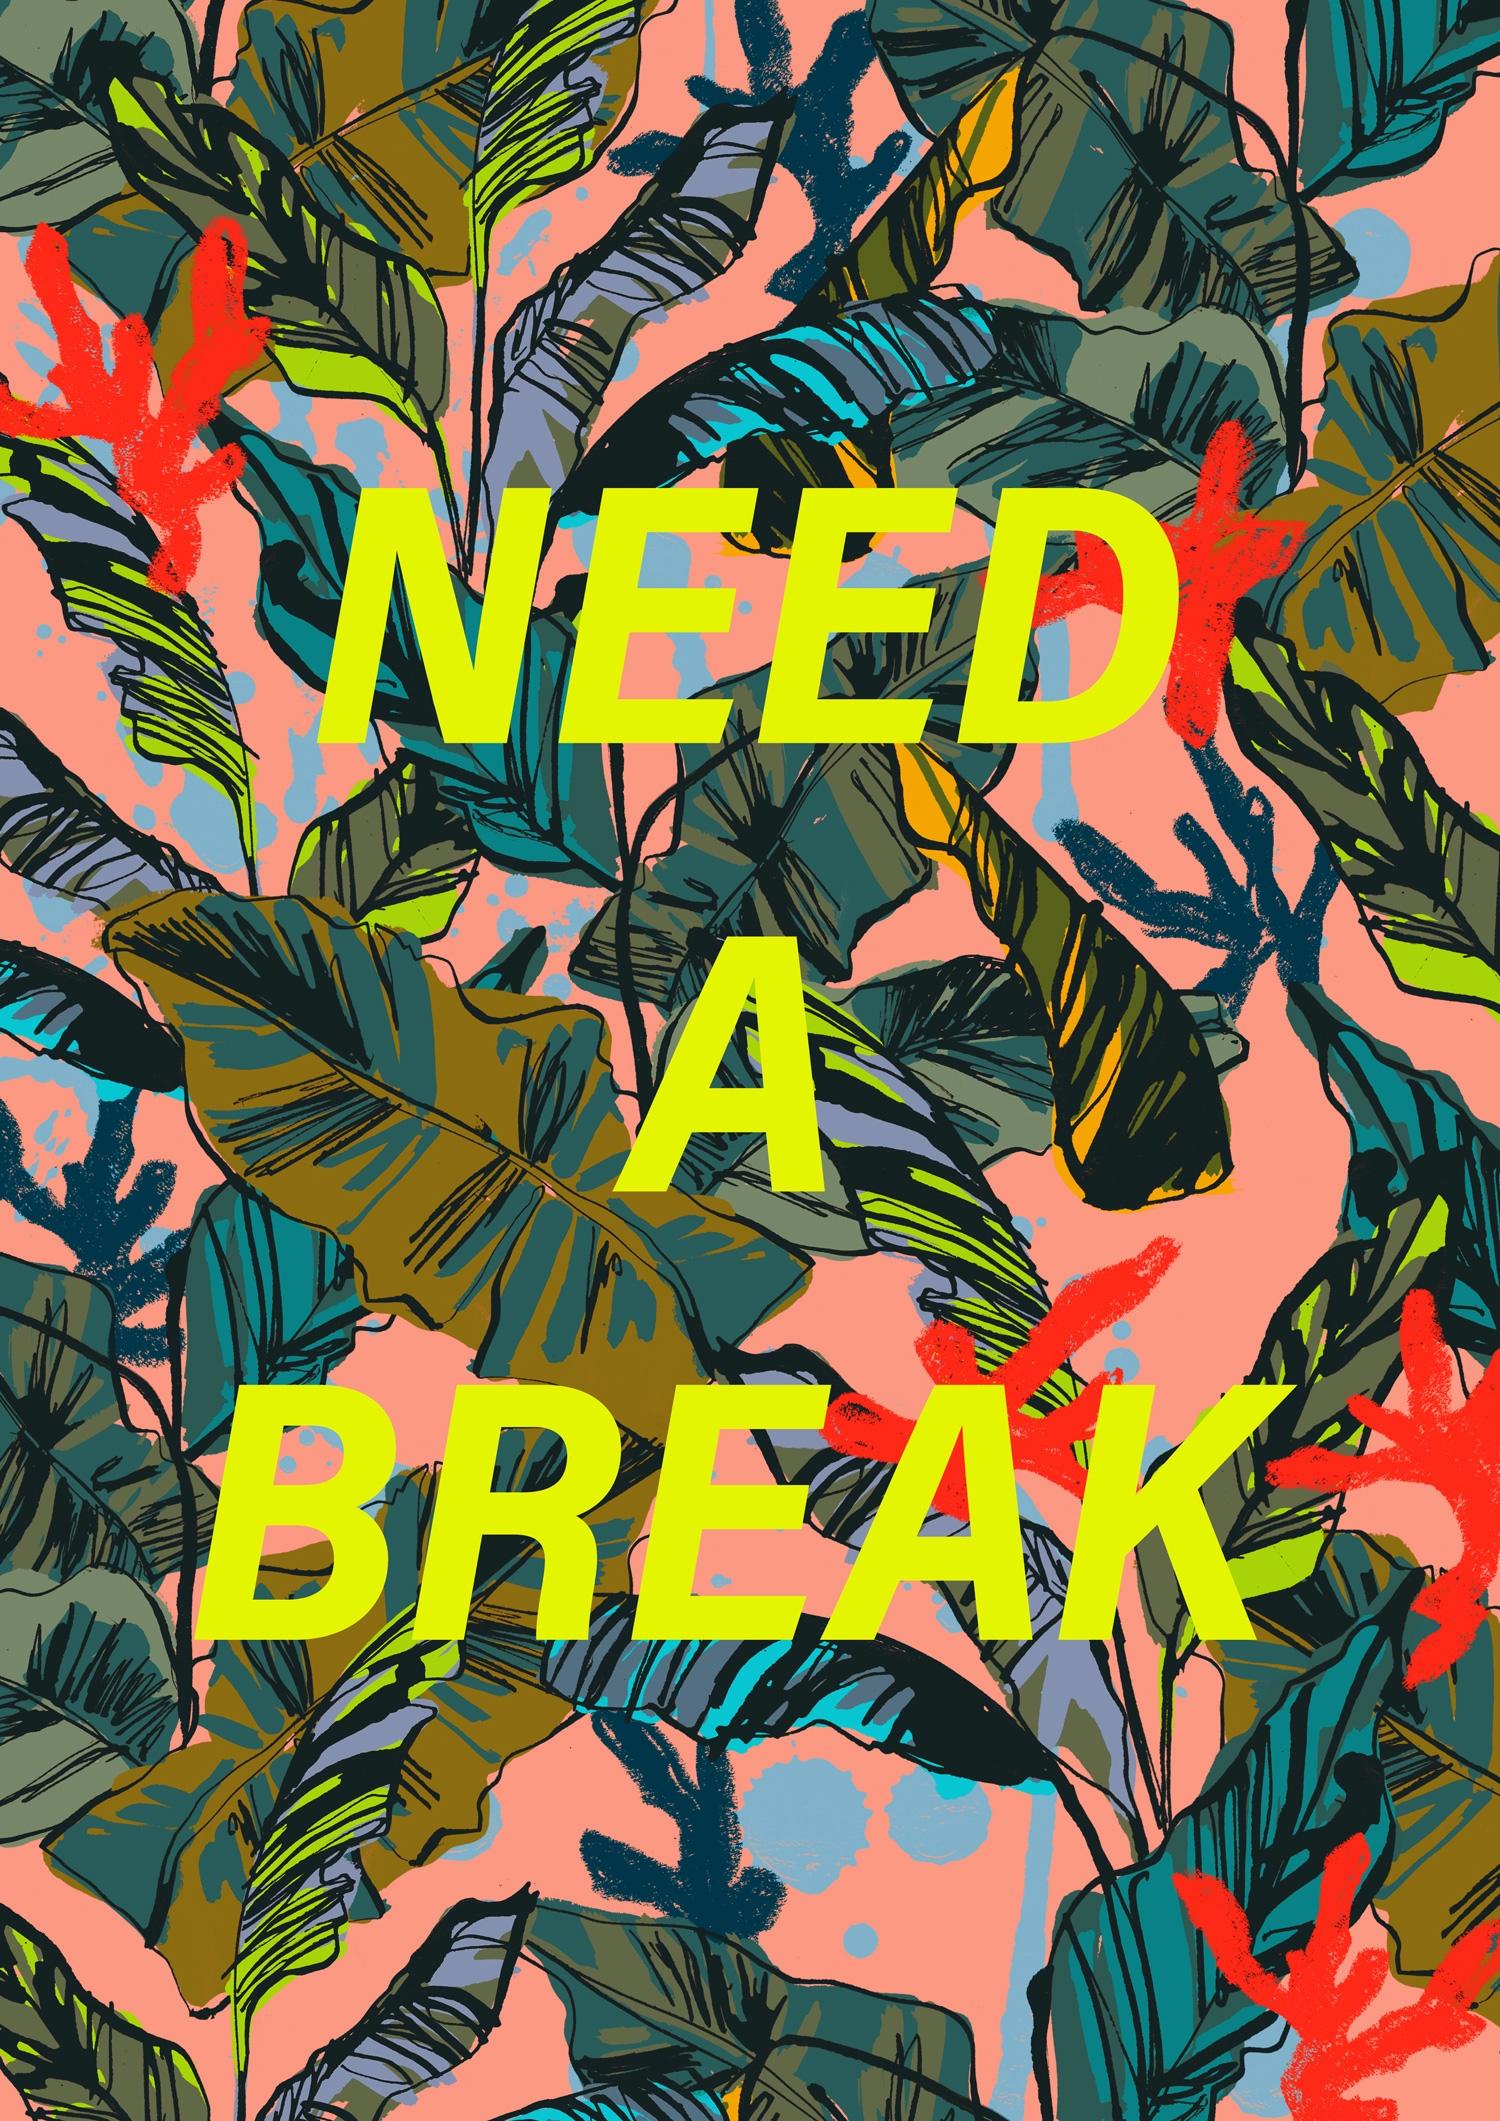 break - Pattern, Needabreak, Tropical - eunjeongyoo | ello